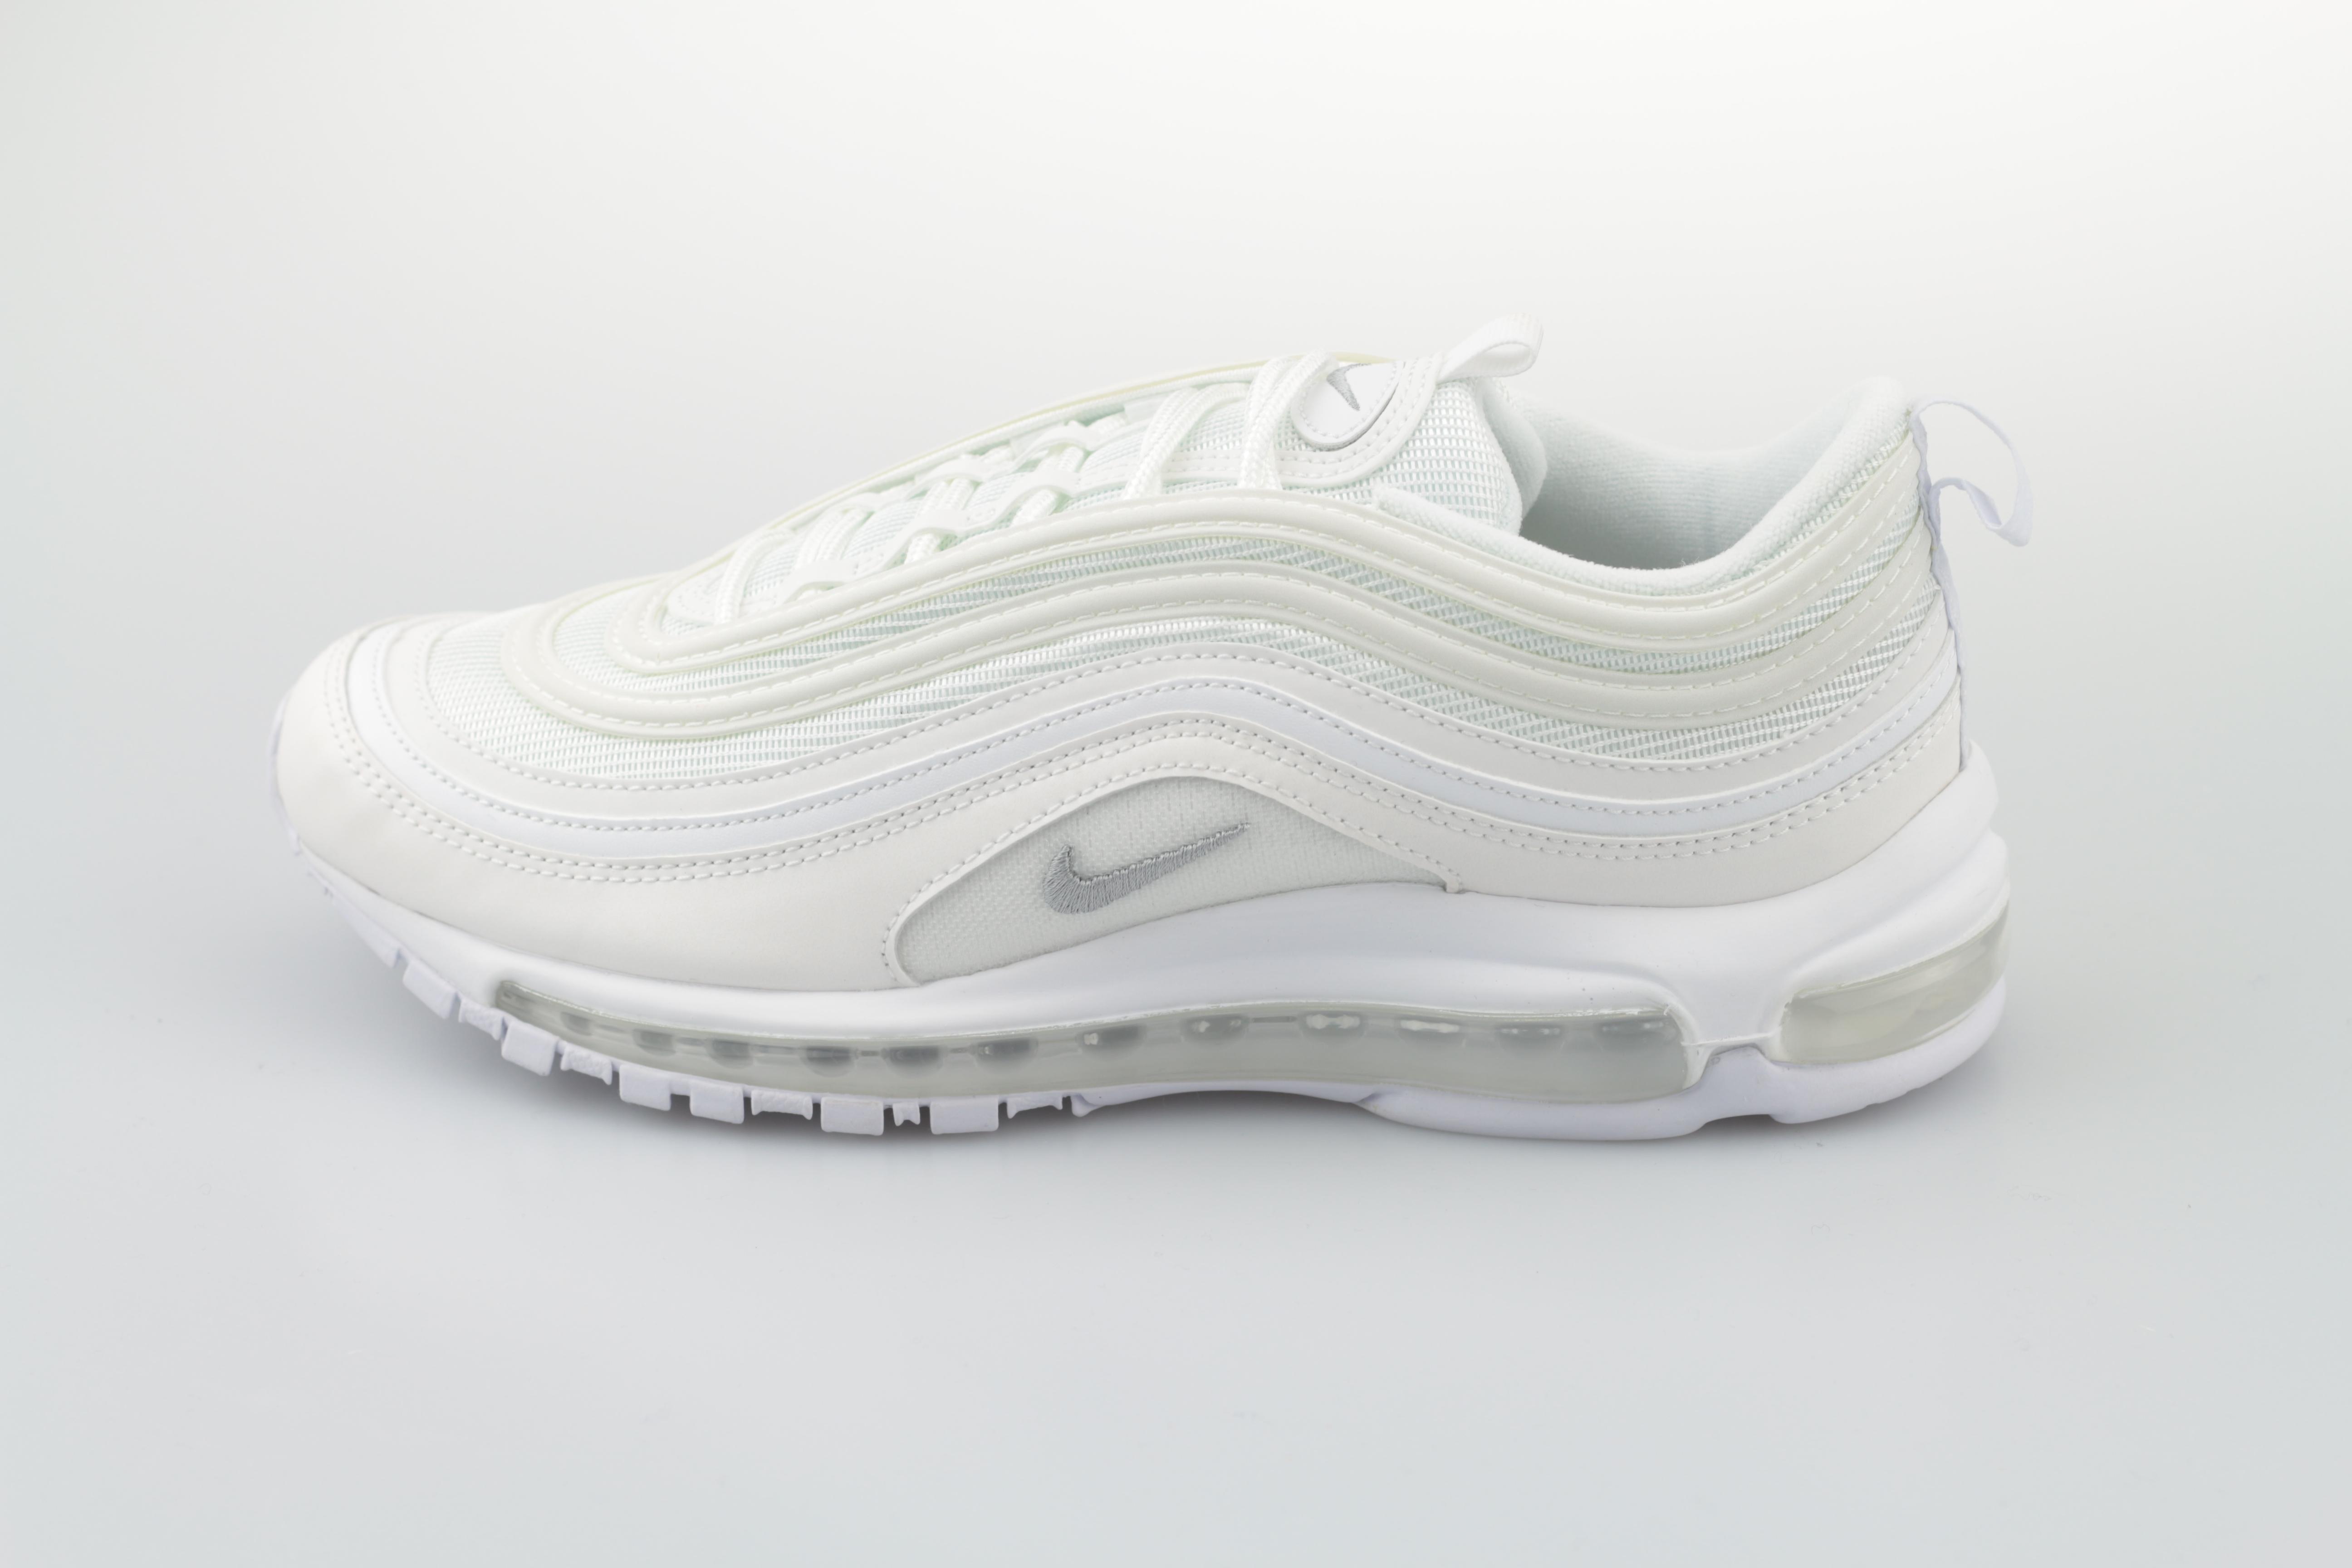 Nike Air Max 97 Herrensneaker Weiß | Sneaker Circle